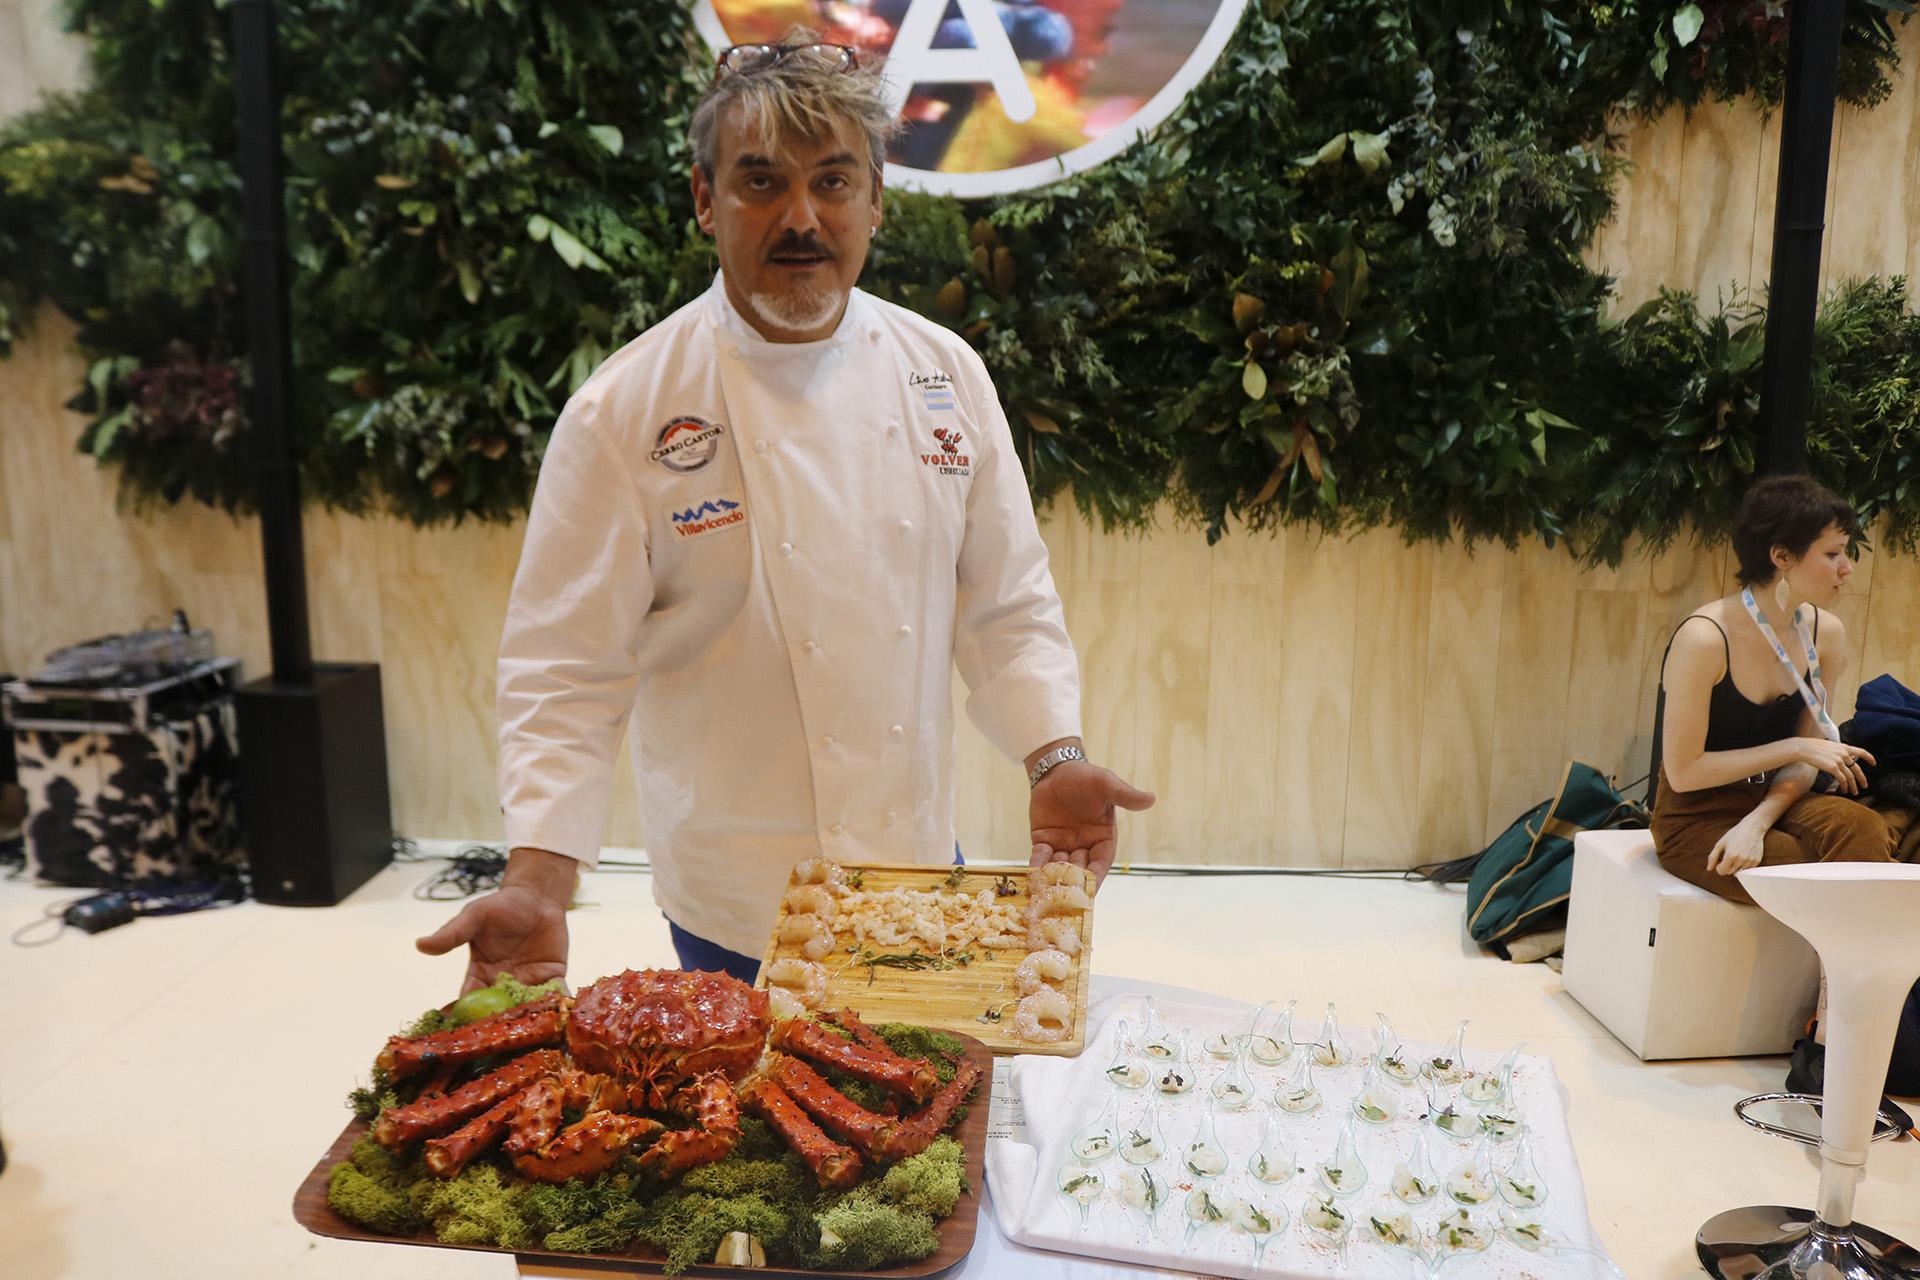 El chef Lino Adillón y uno de los platos emblema de Tierra del Fuego: la centolla. También estuvo cocinando en el stand argentino el chef Javier Brichetto